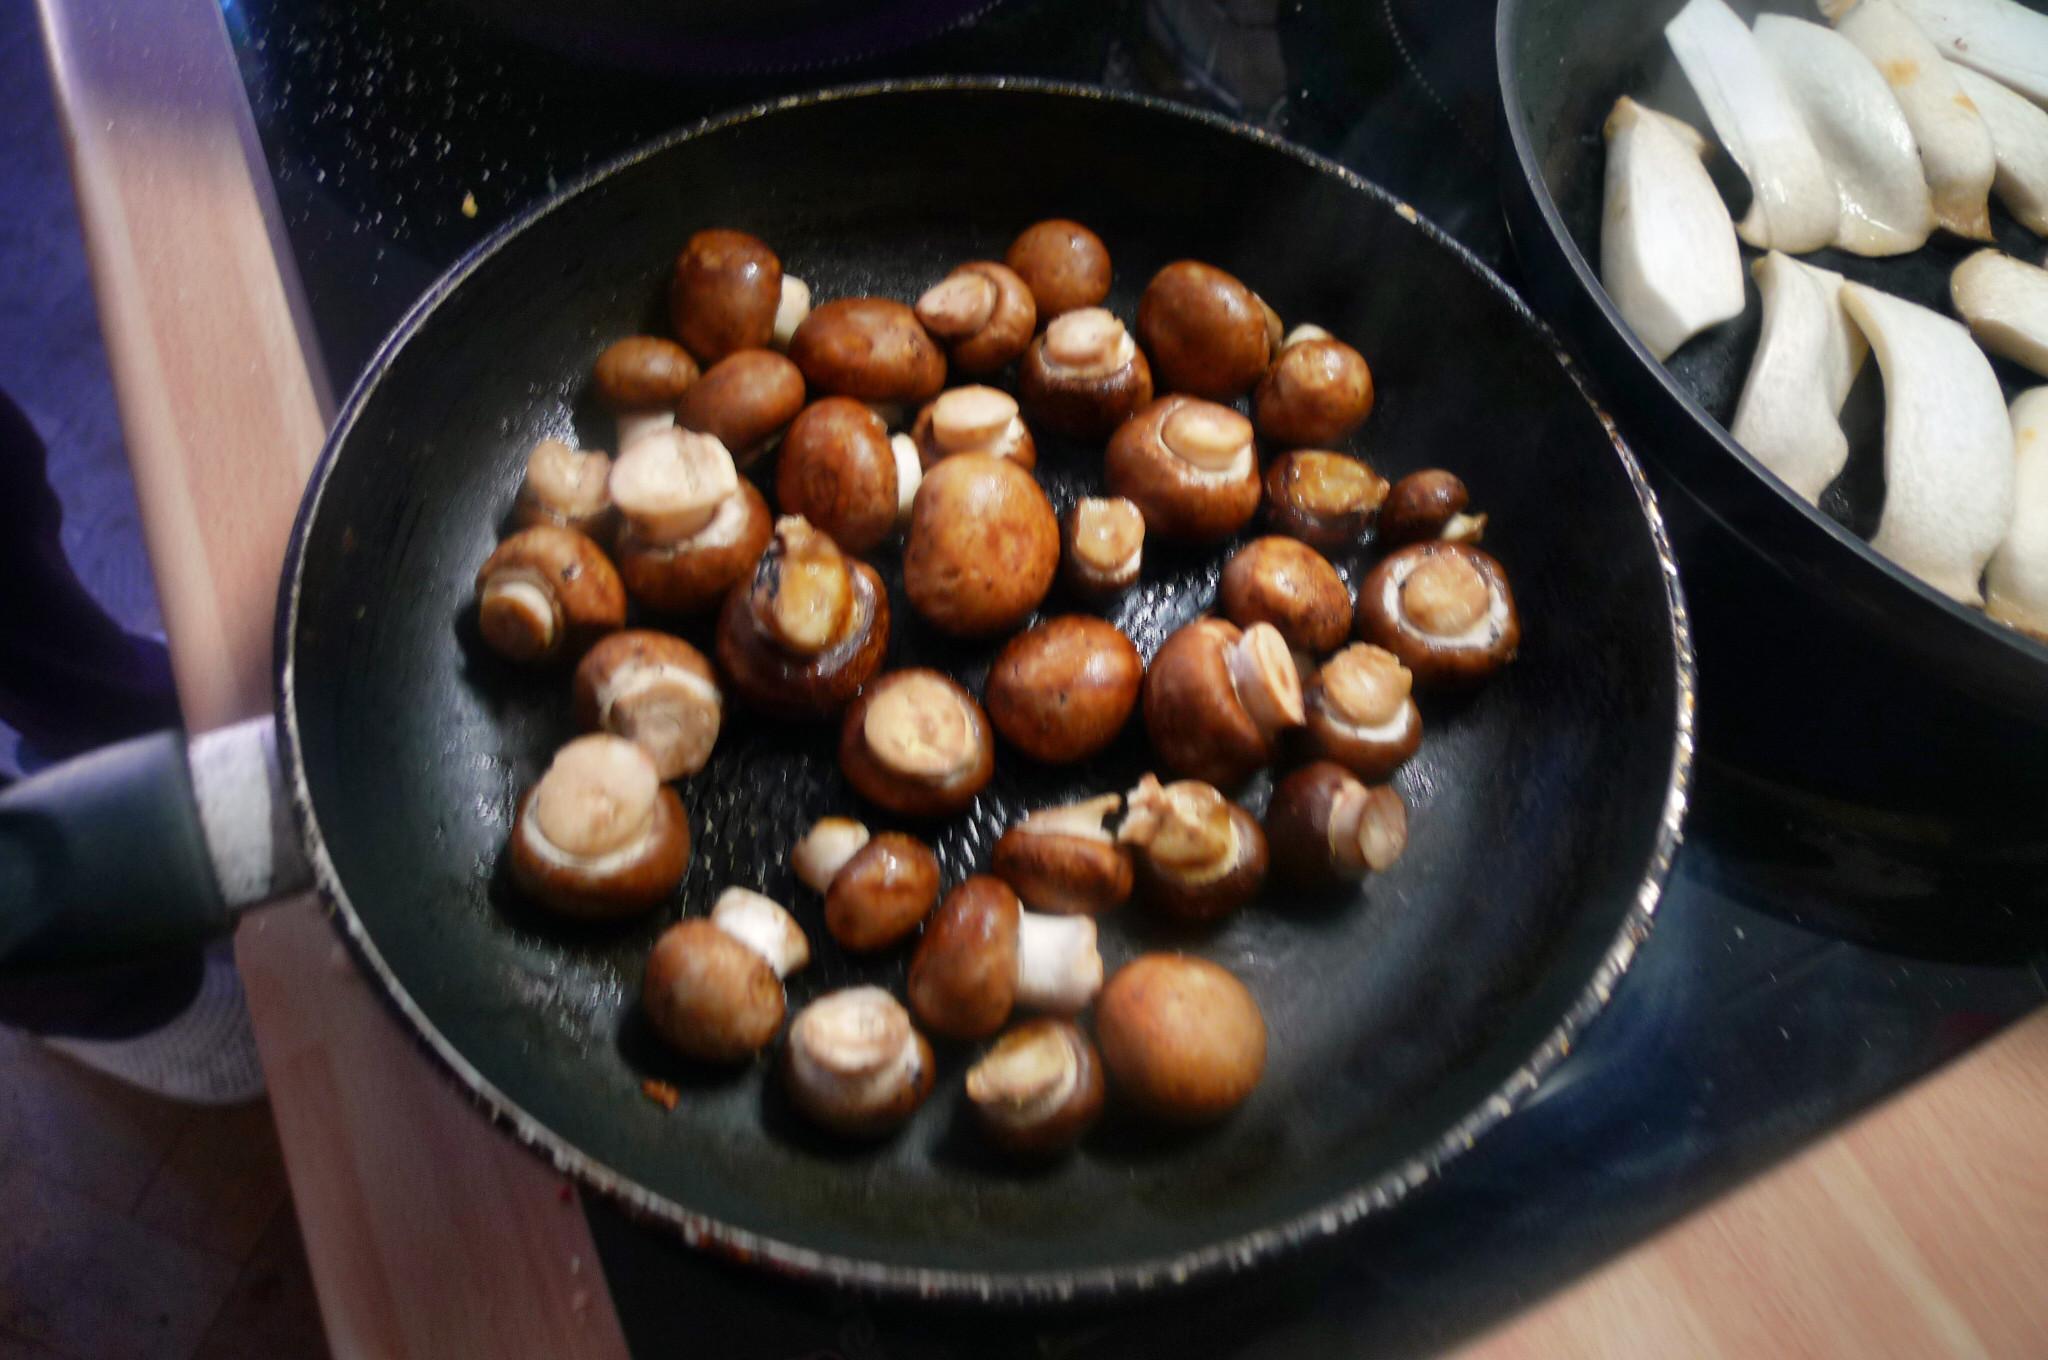 Roh gebratene Kartoffeln,Kräutersaitlinge,Champignon,Römersalat - 26.2.15   (4)